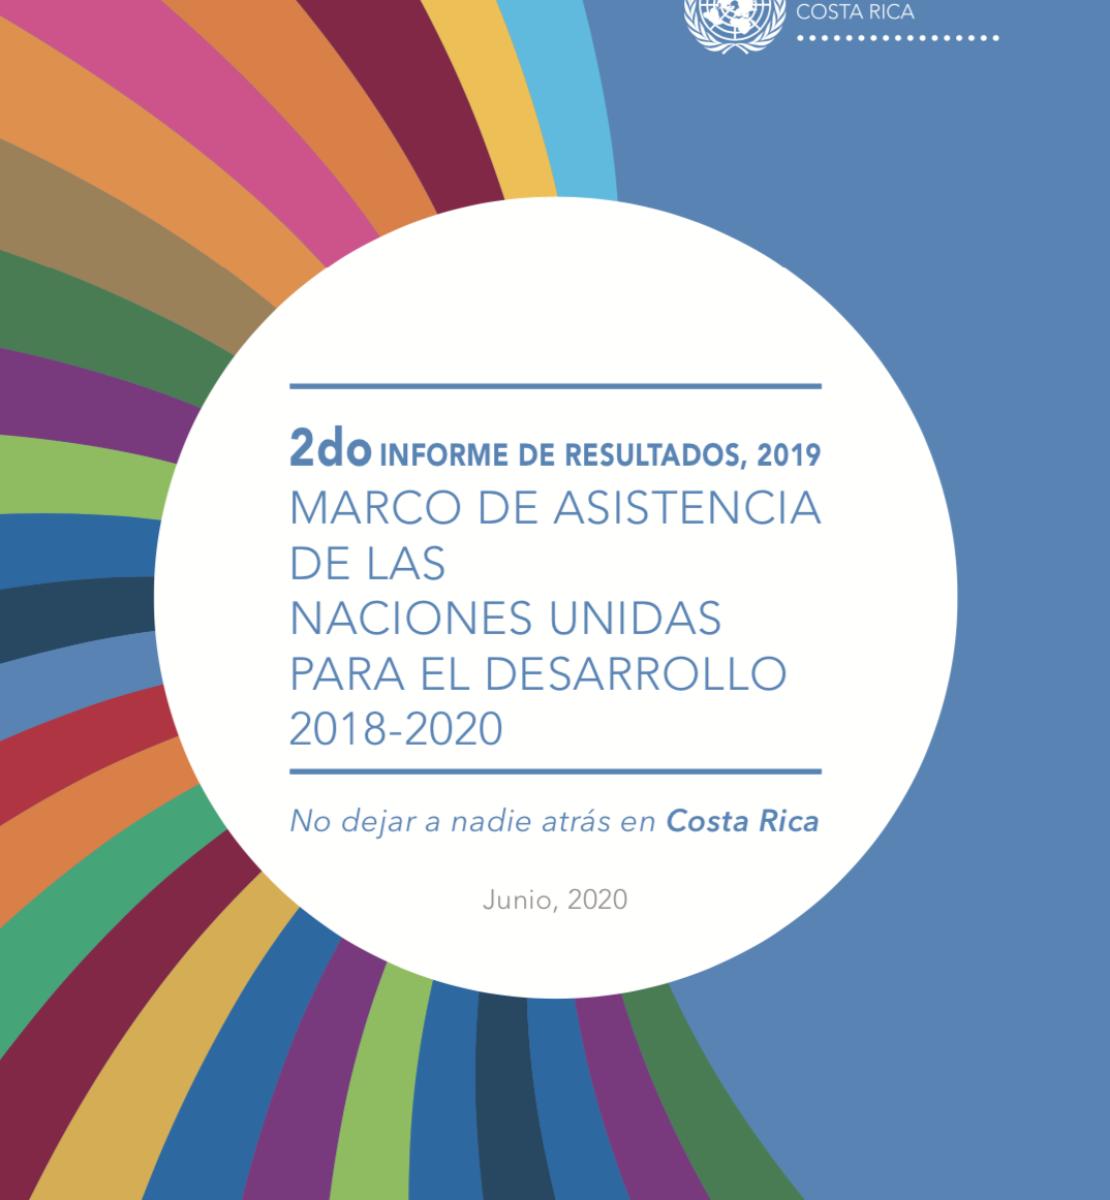 يُظهر الغلاف العنوان باللغة الإسبانية مقابل تيار من الألوان يشبه قوس قزح إلى اليسار، واللون الأزرق إلى اليمين.